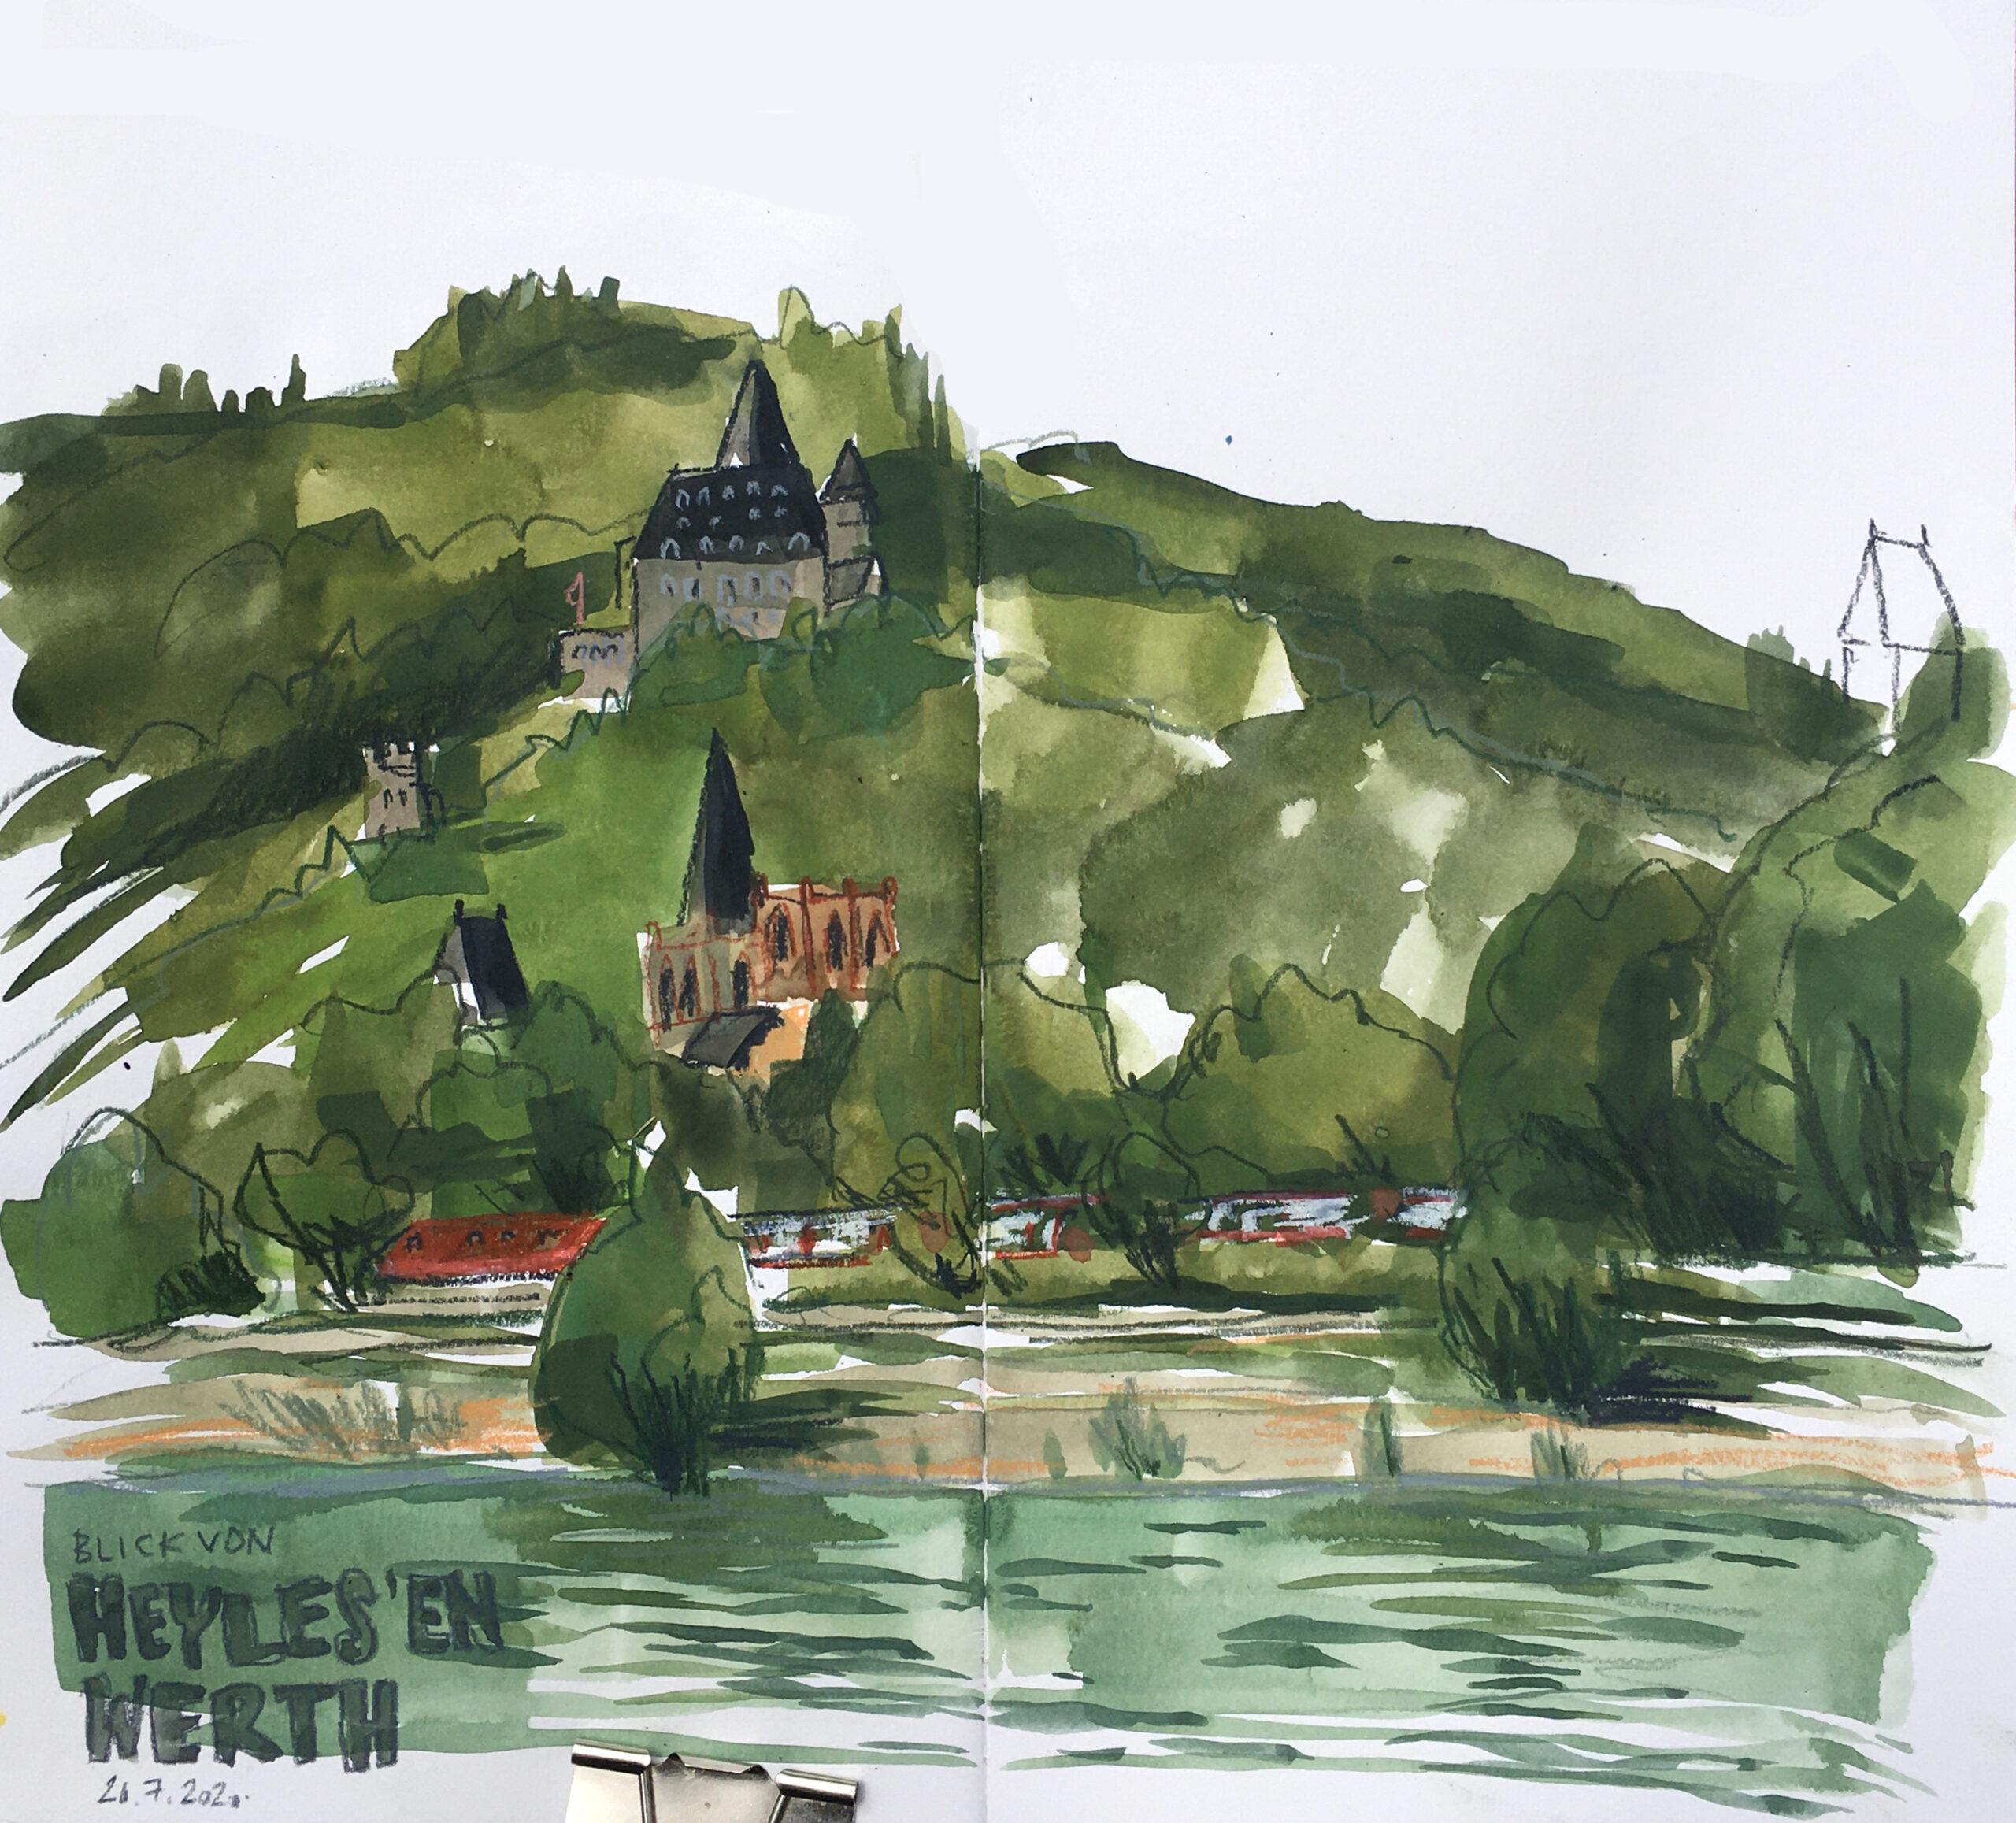 Blick von Heyles'en Werth auf Burg Stahleck und Bacharach